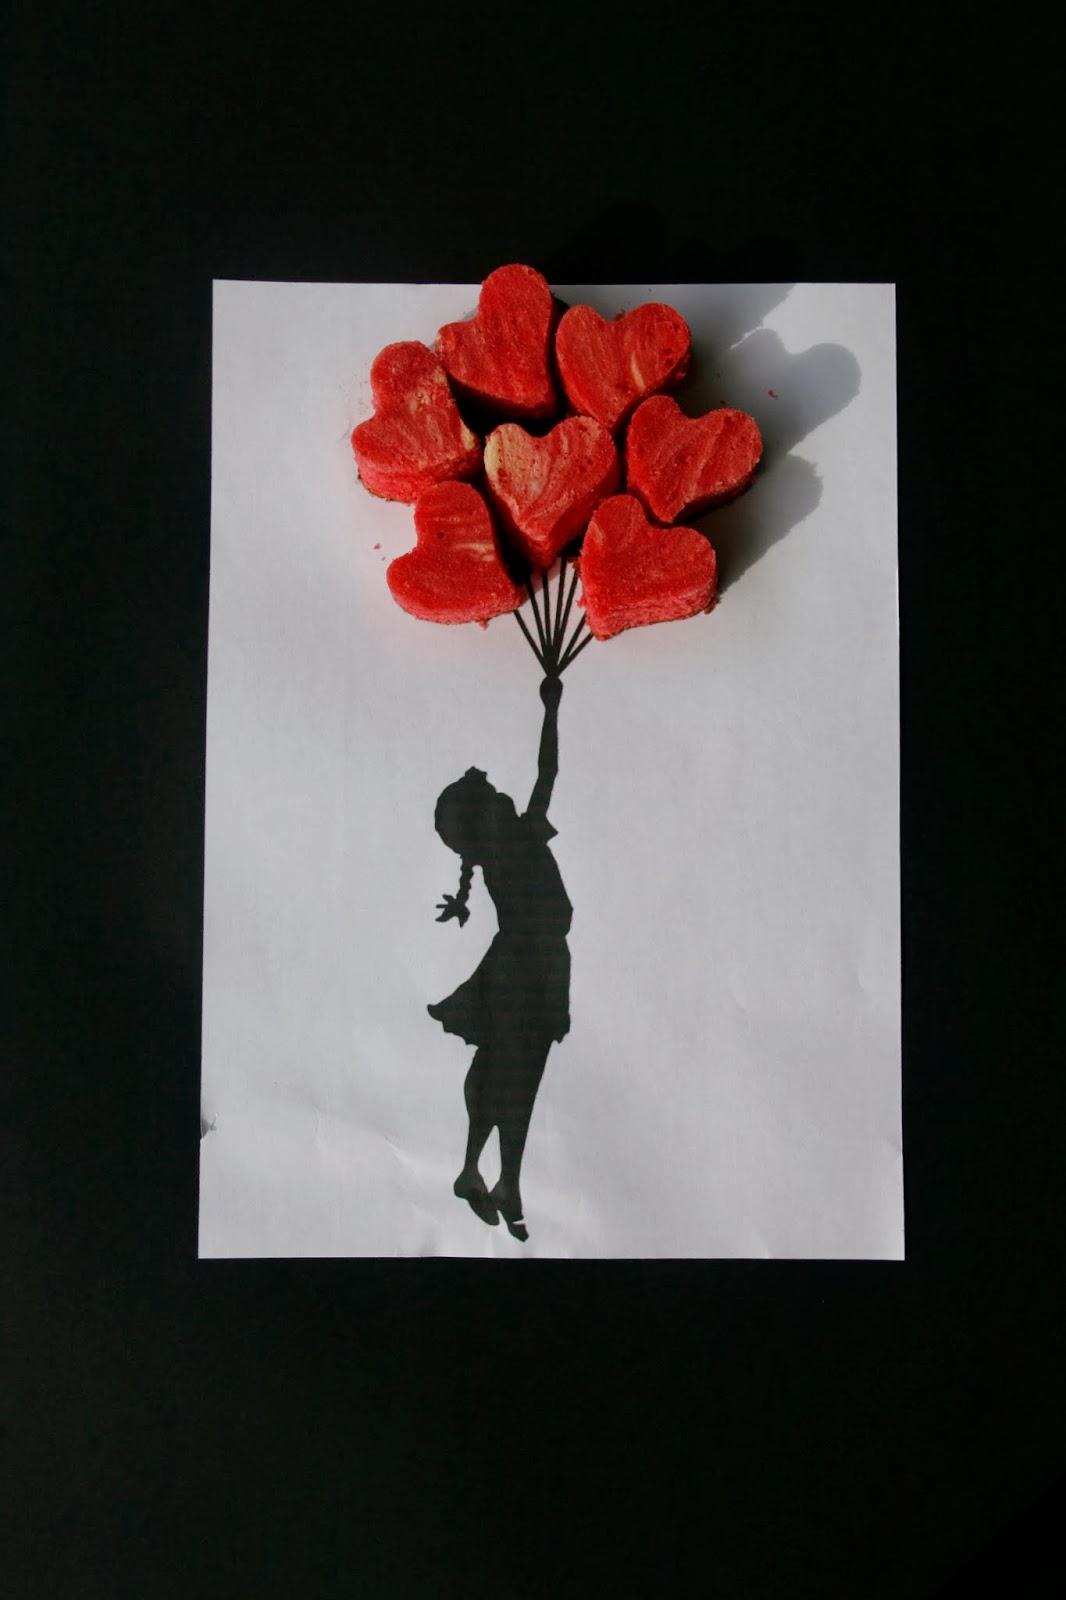 Imatge de la nena amb globus de Banksy amb cors de cheescake red velvet brownie